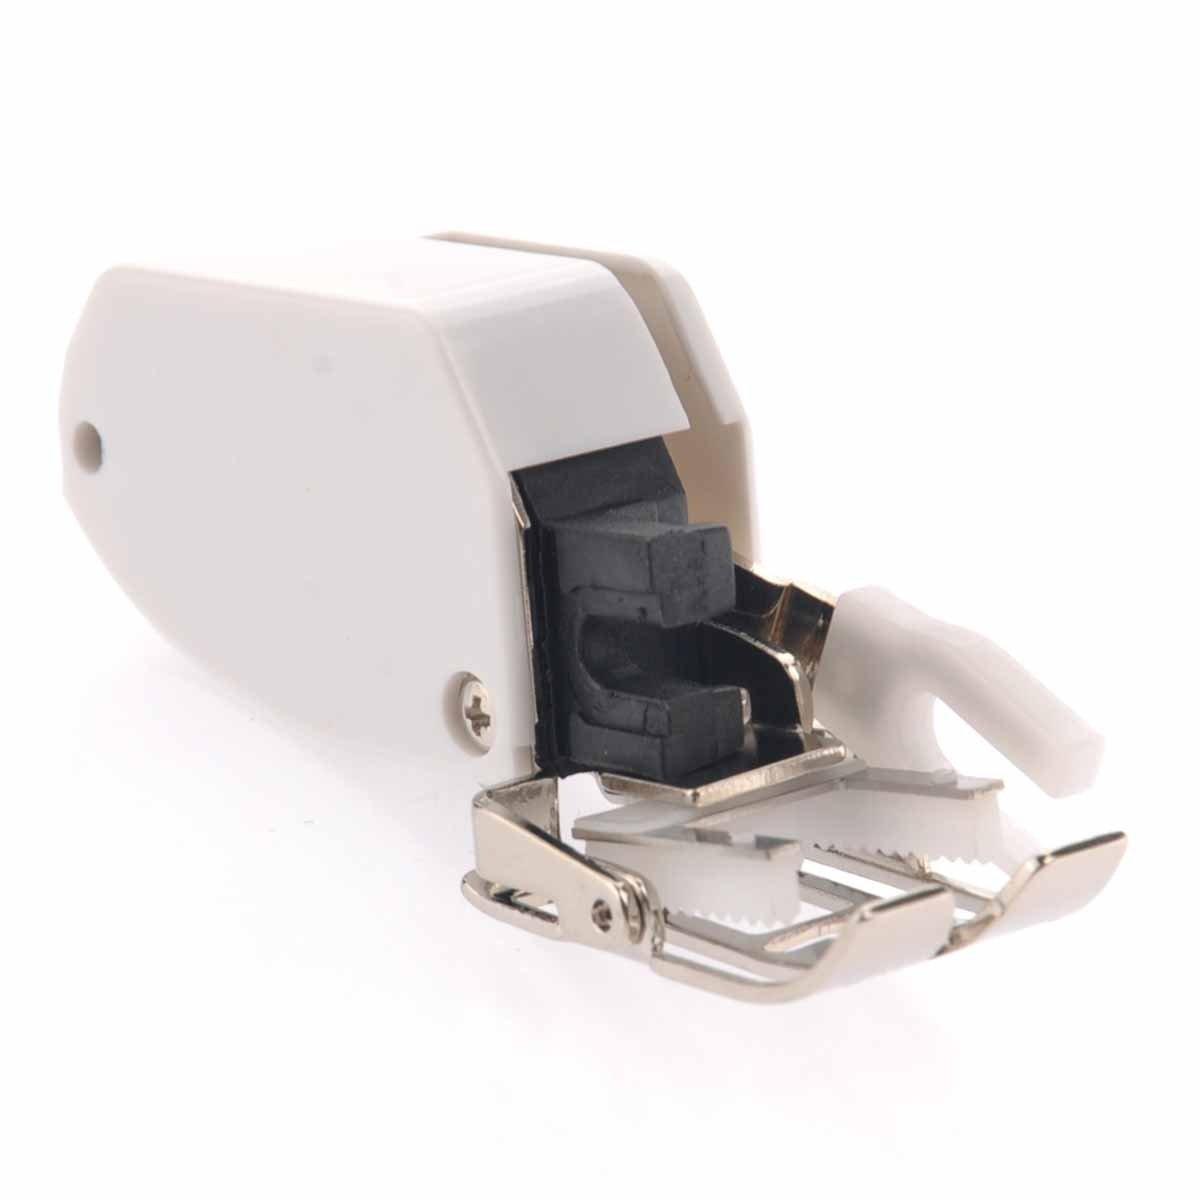 Prensatela de doble arrastre para maquinas de coser Singer brother Alfa etc